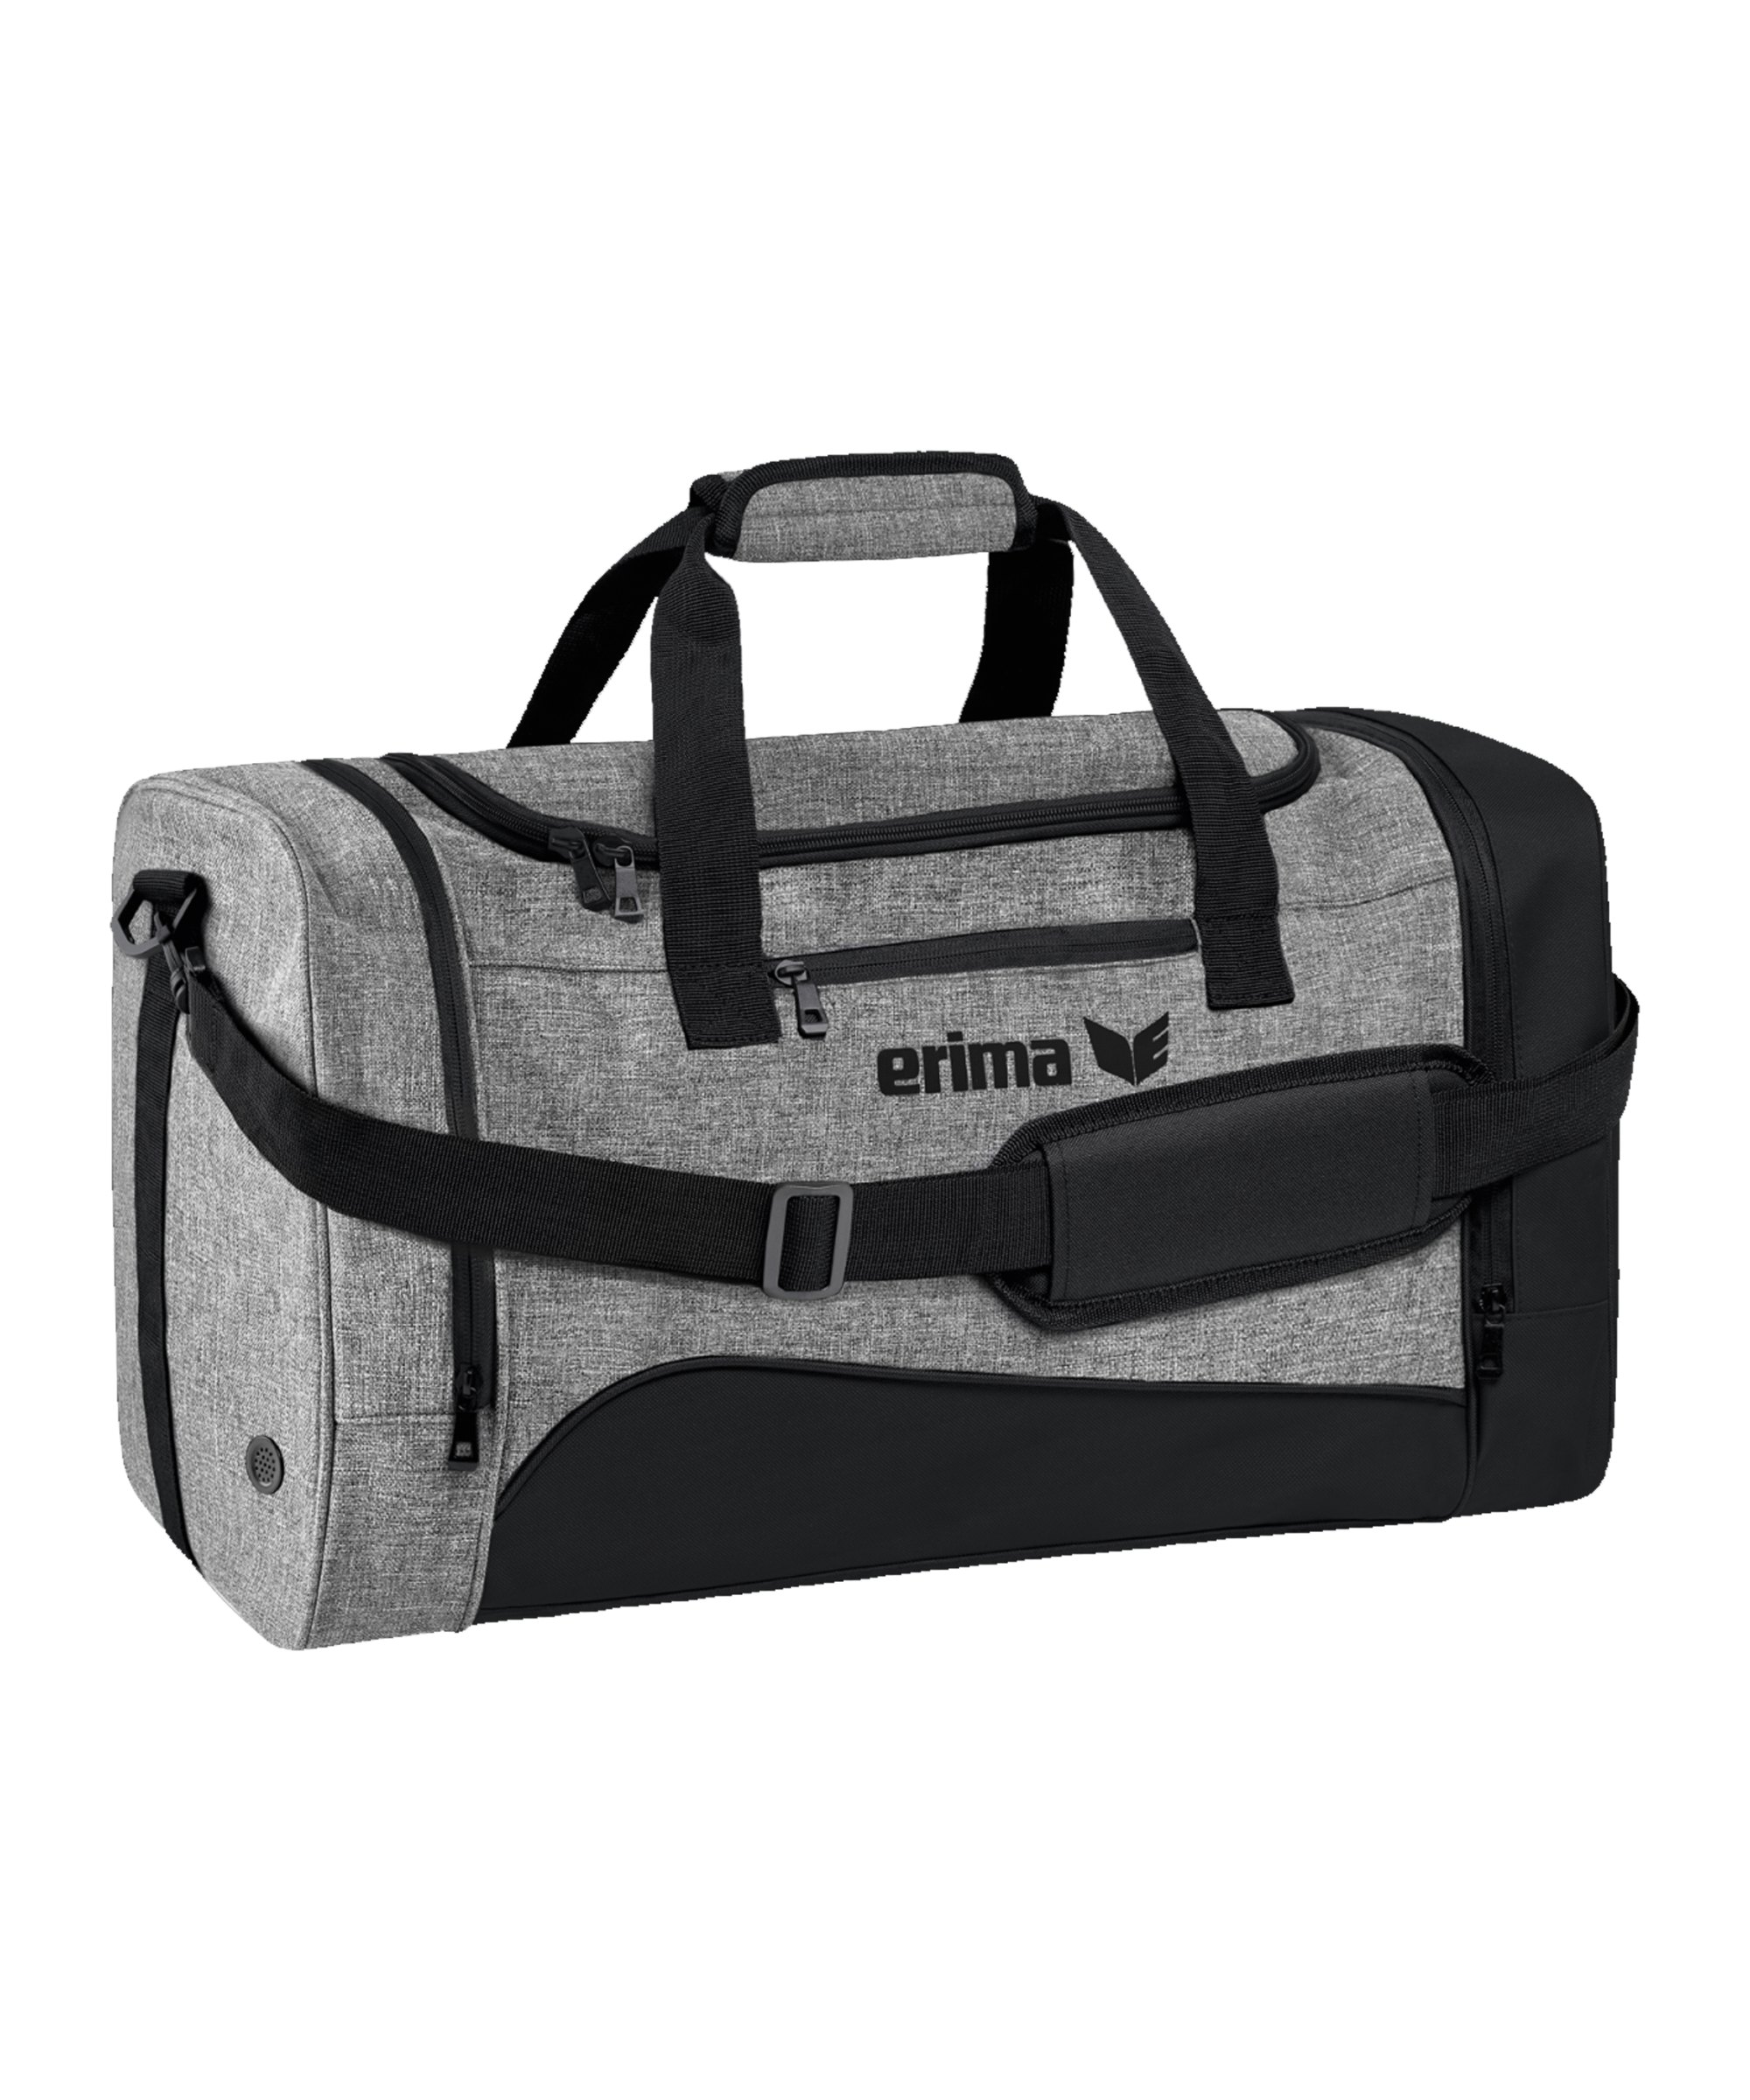 Erima Club 1900 Tasche Gr. M Schwarz Grau - schwarz